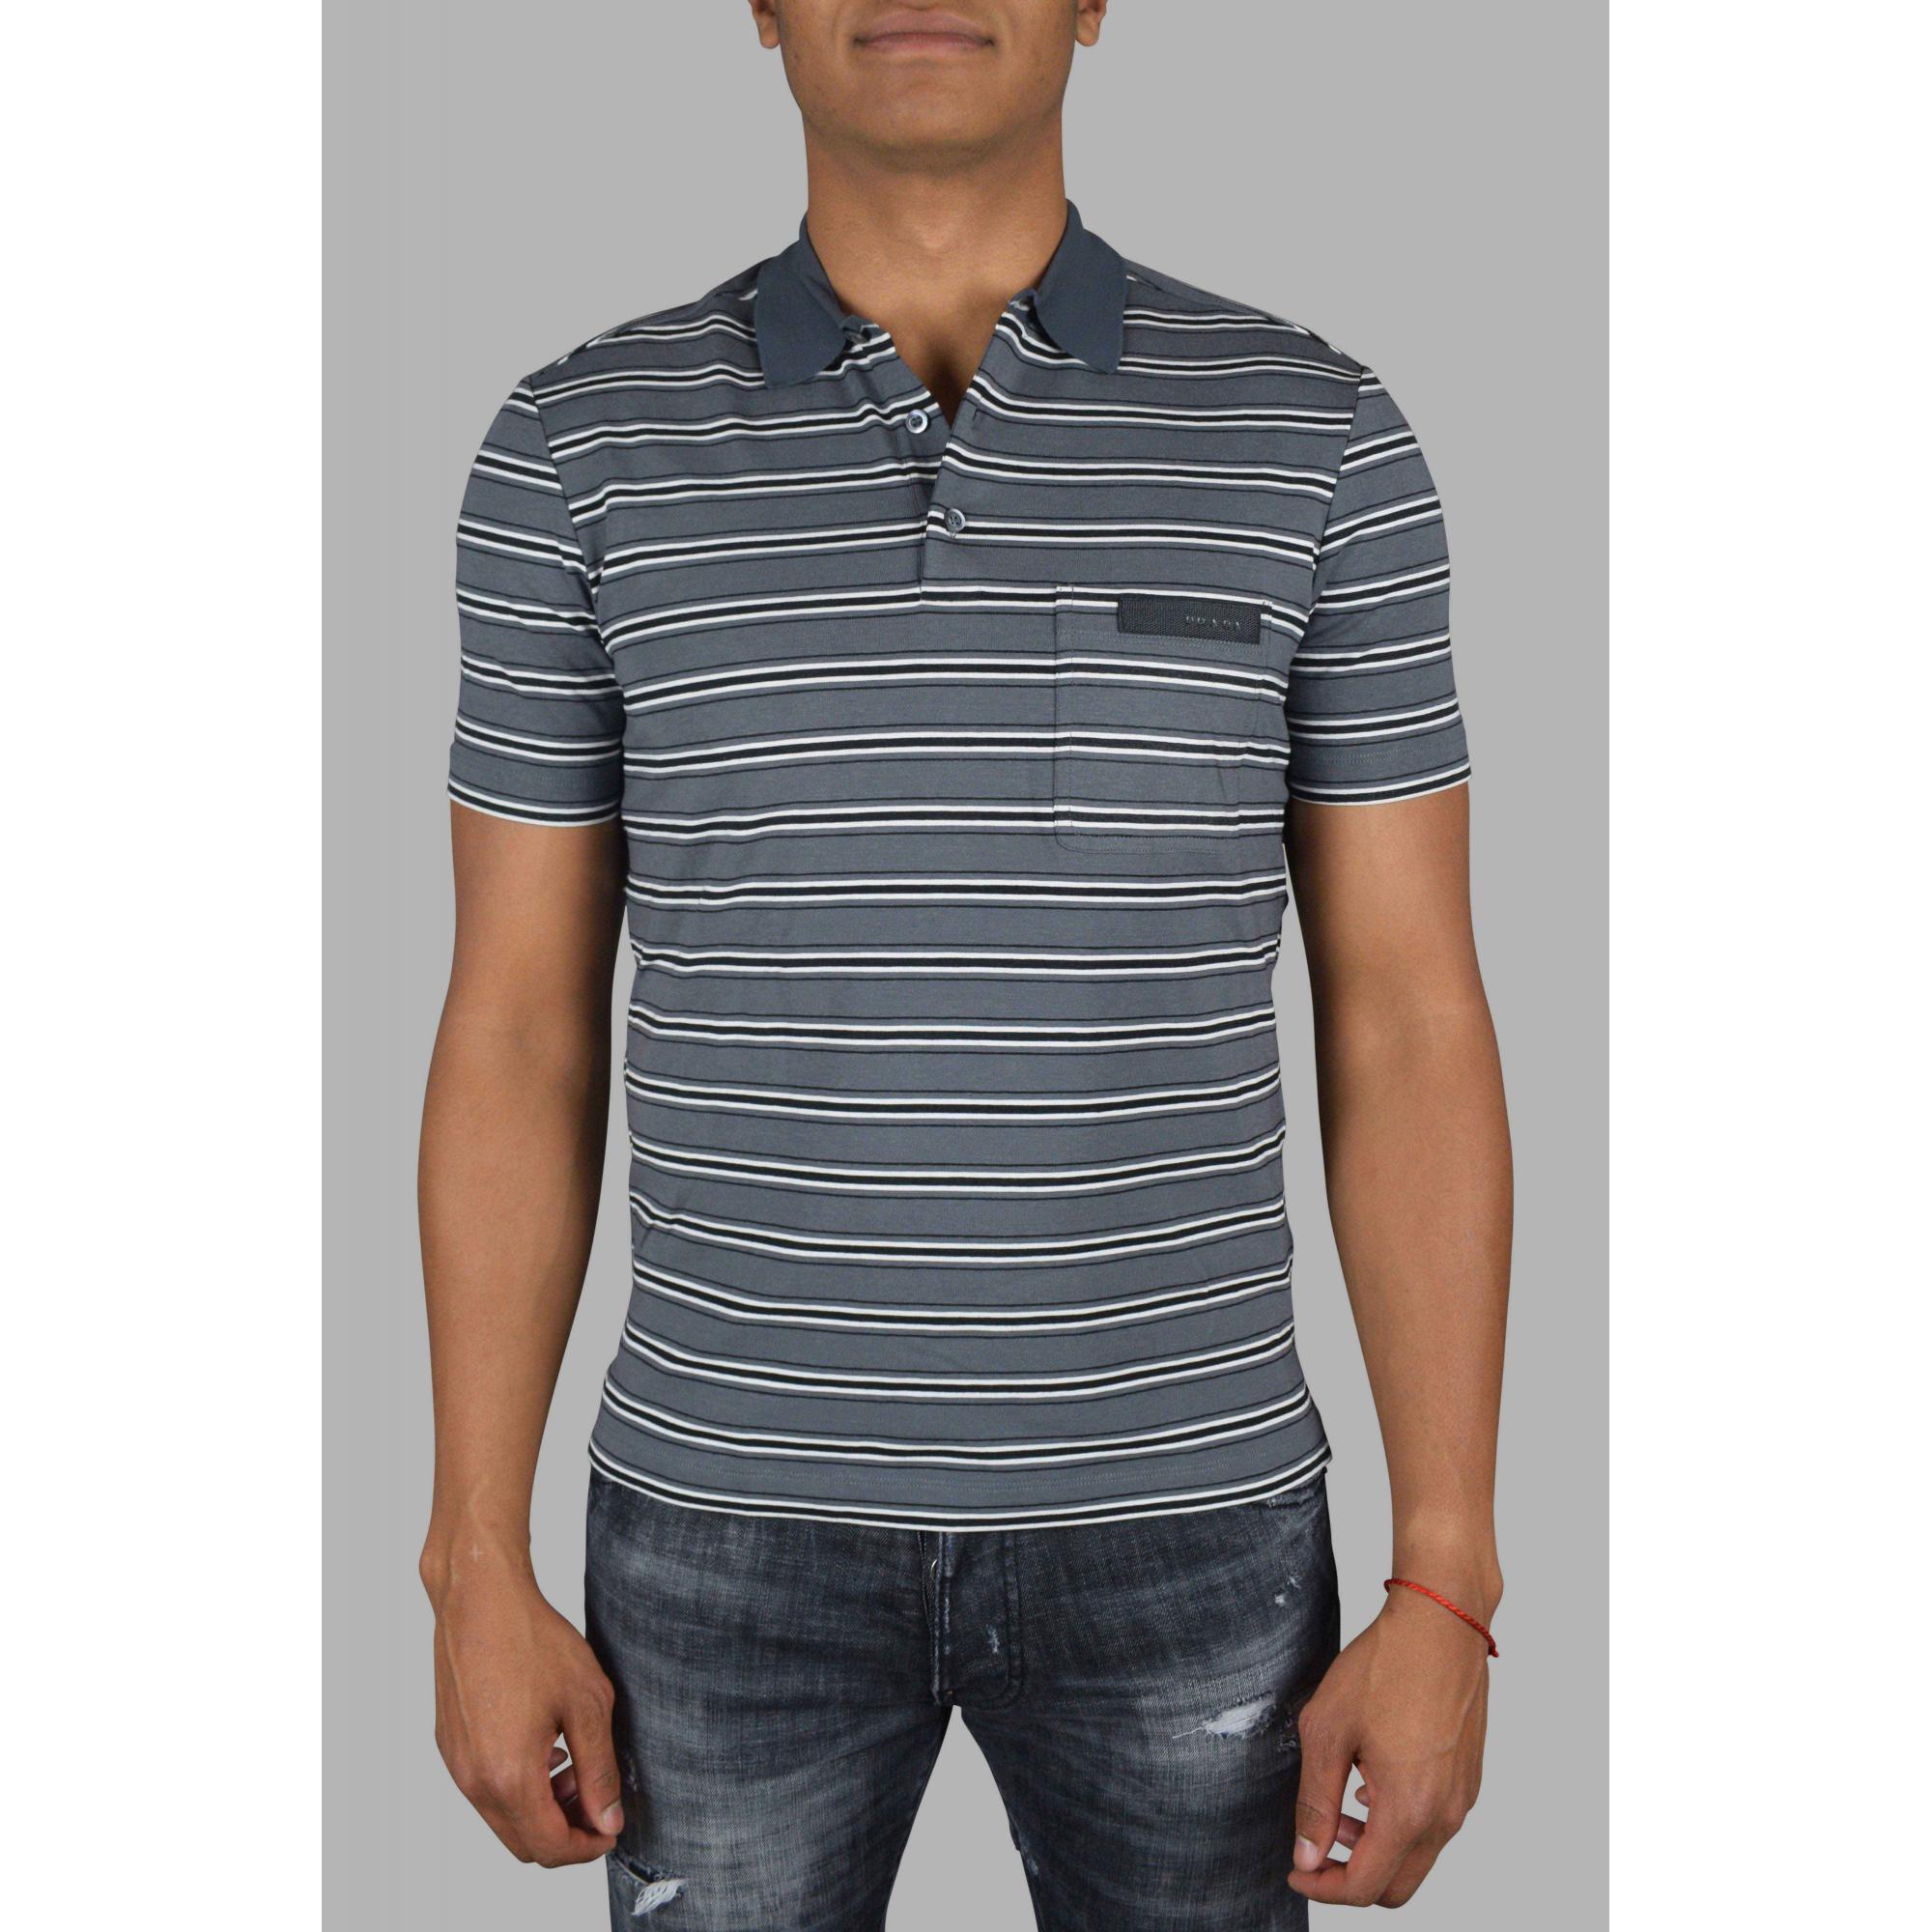 Prada short sleeve polo shirt.